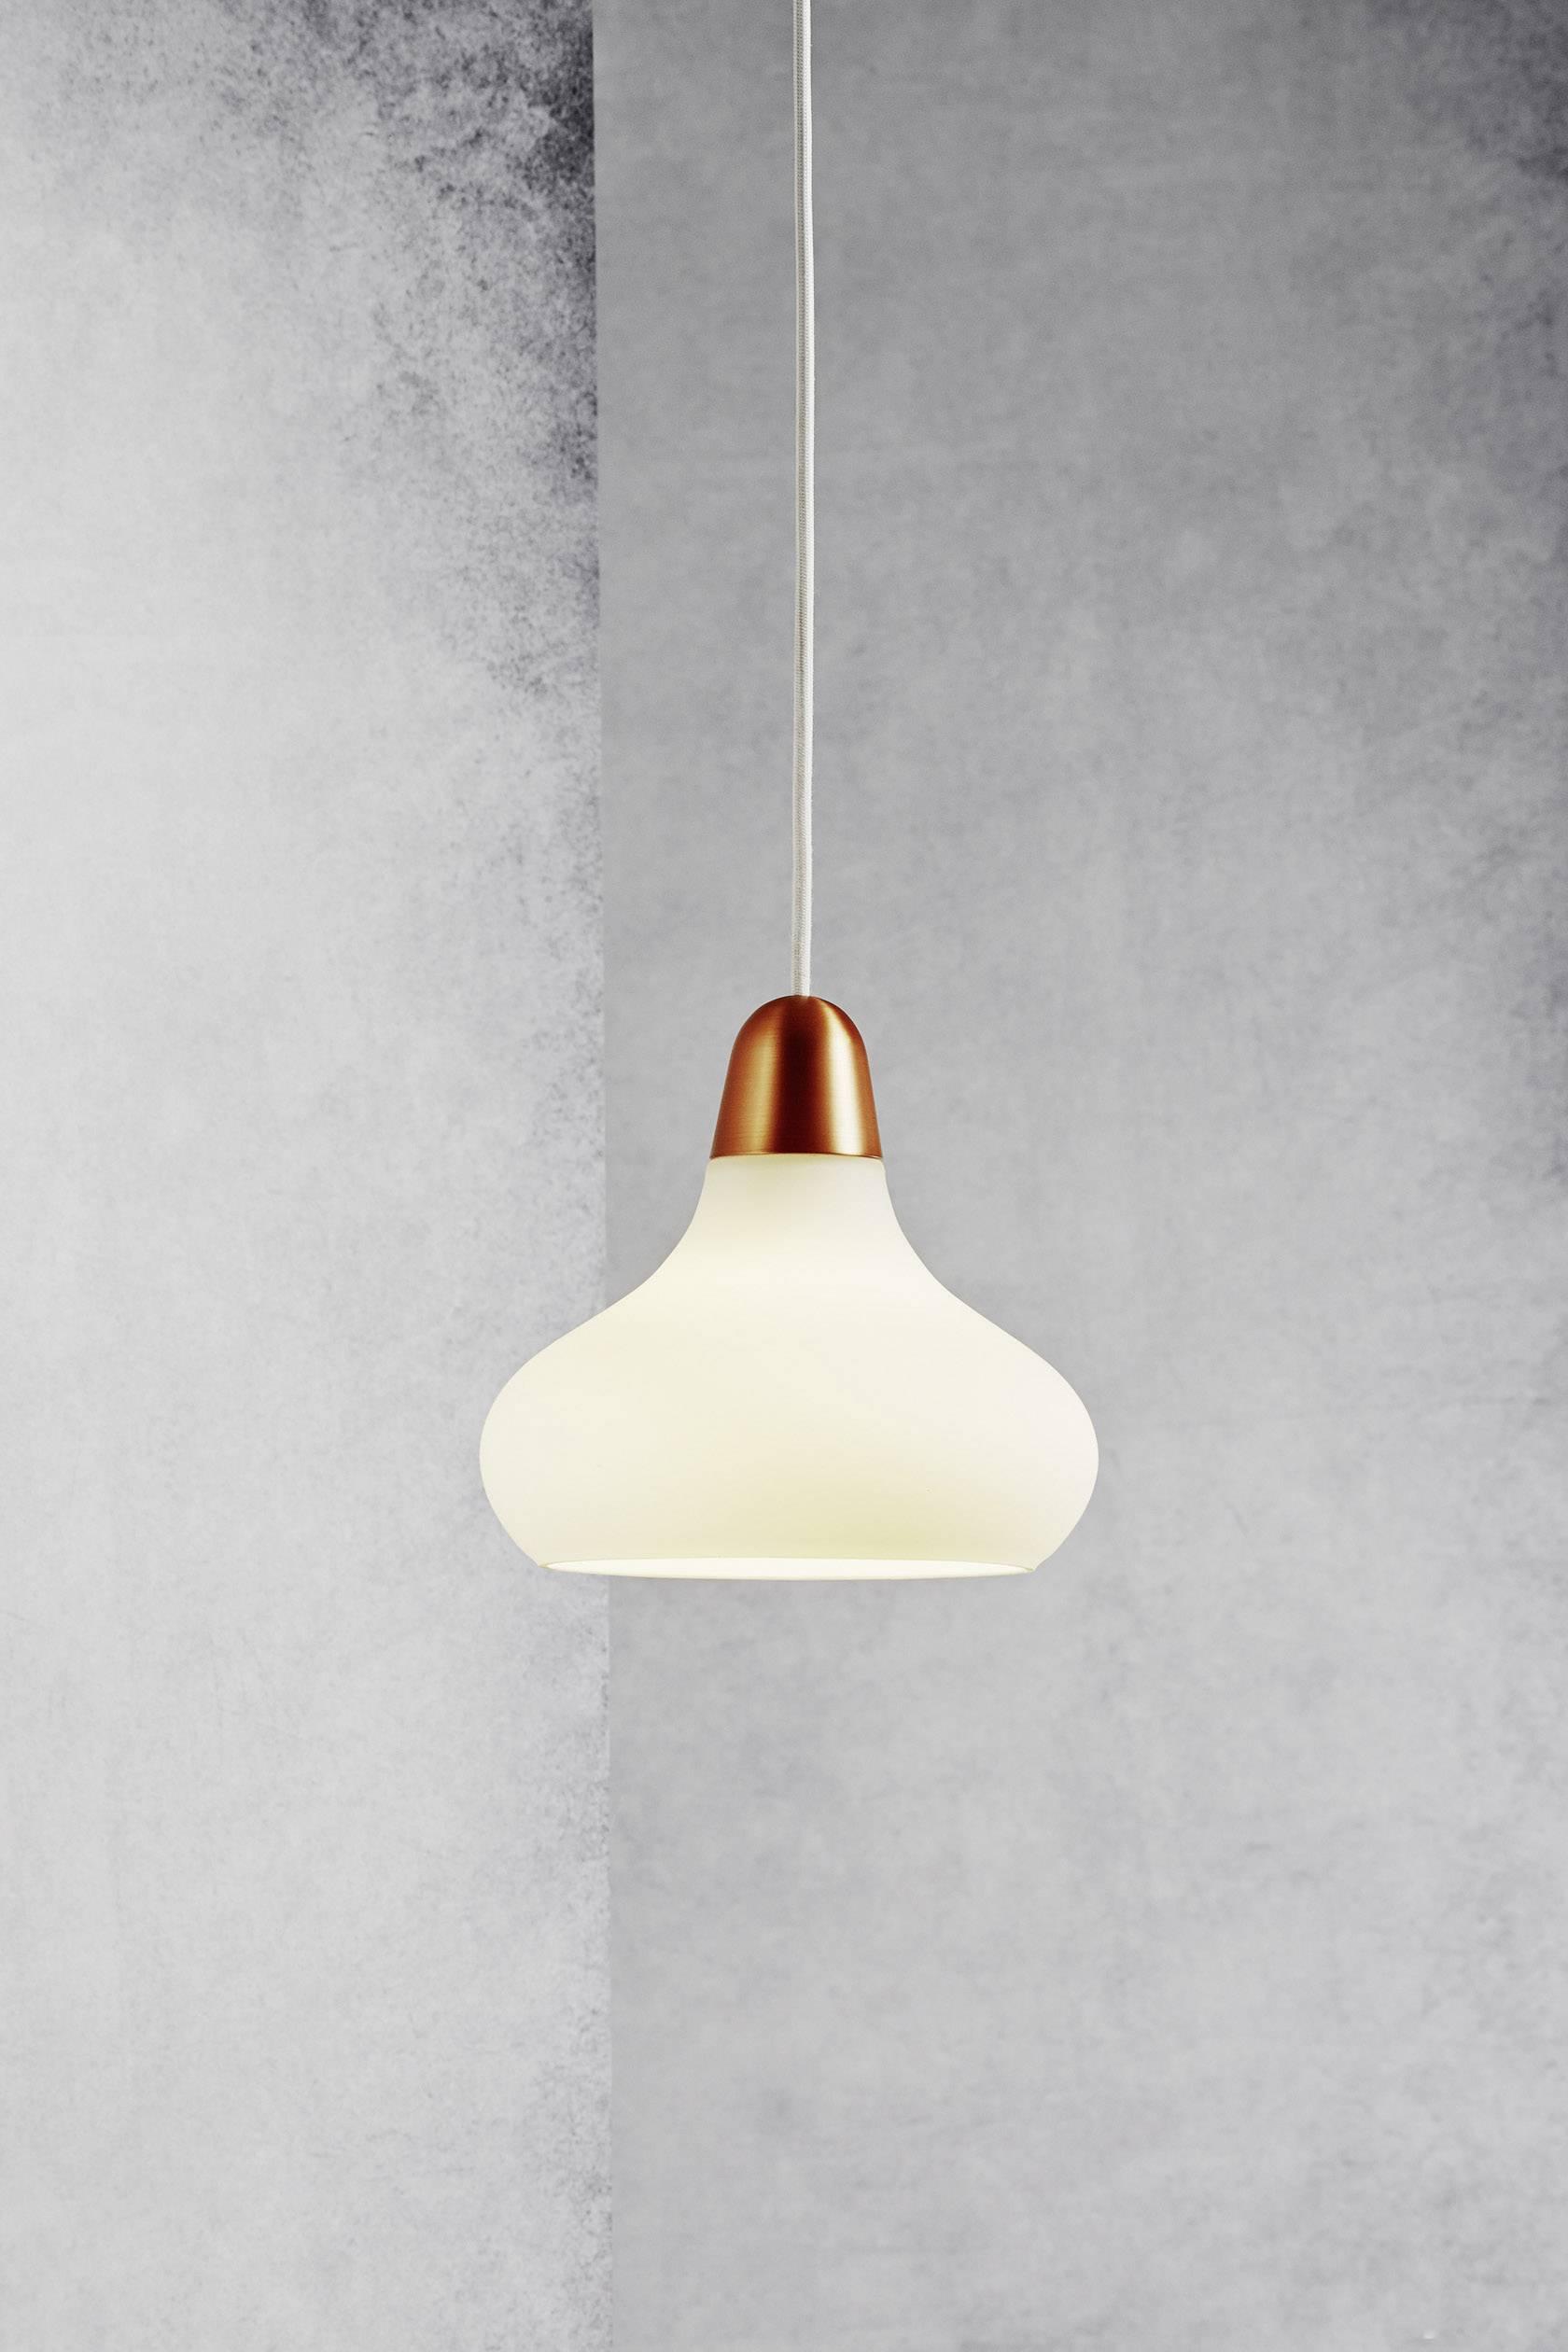 Závesné svietidlo halogénová žiarovka Nordlux Bloom 17 78173030, E27, 40 W, meď, biela